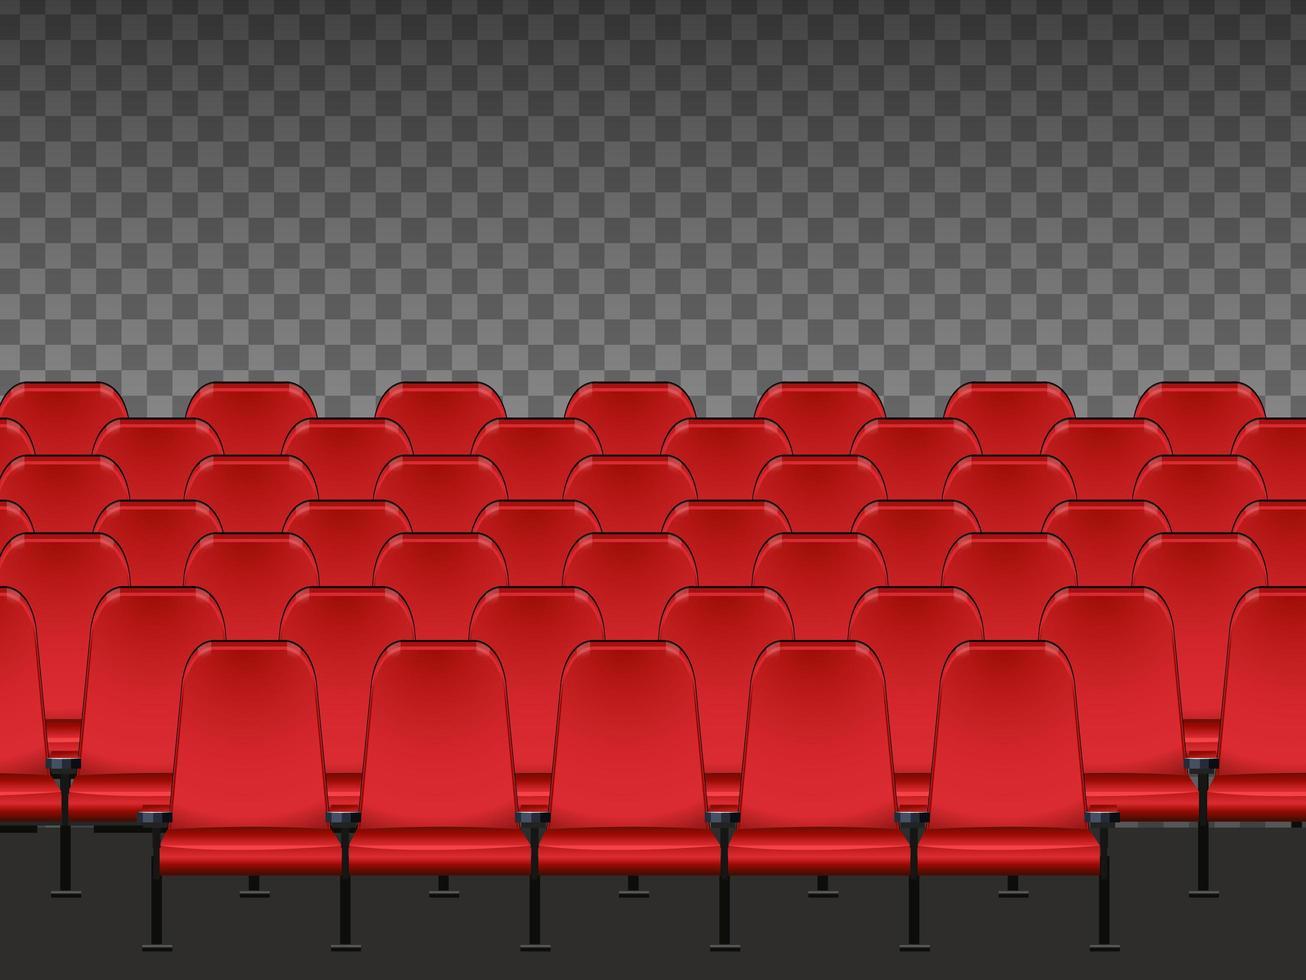 asientos de cine rojo vector